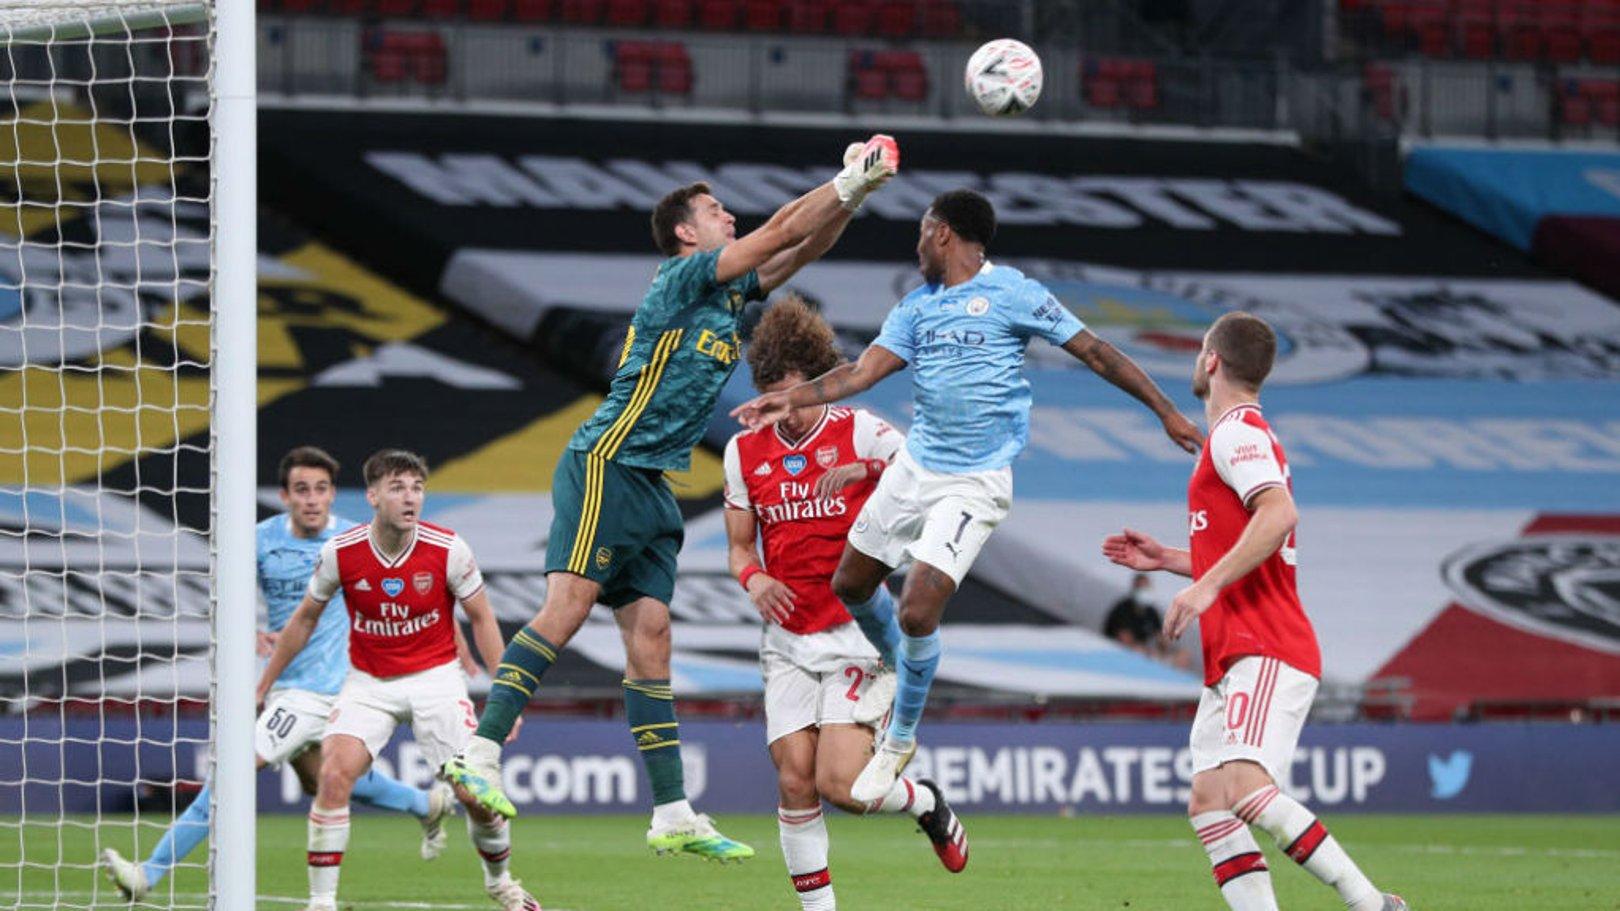 Tanggal Dan Waktu Perempat-Final Piala Carabao